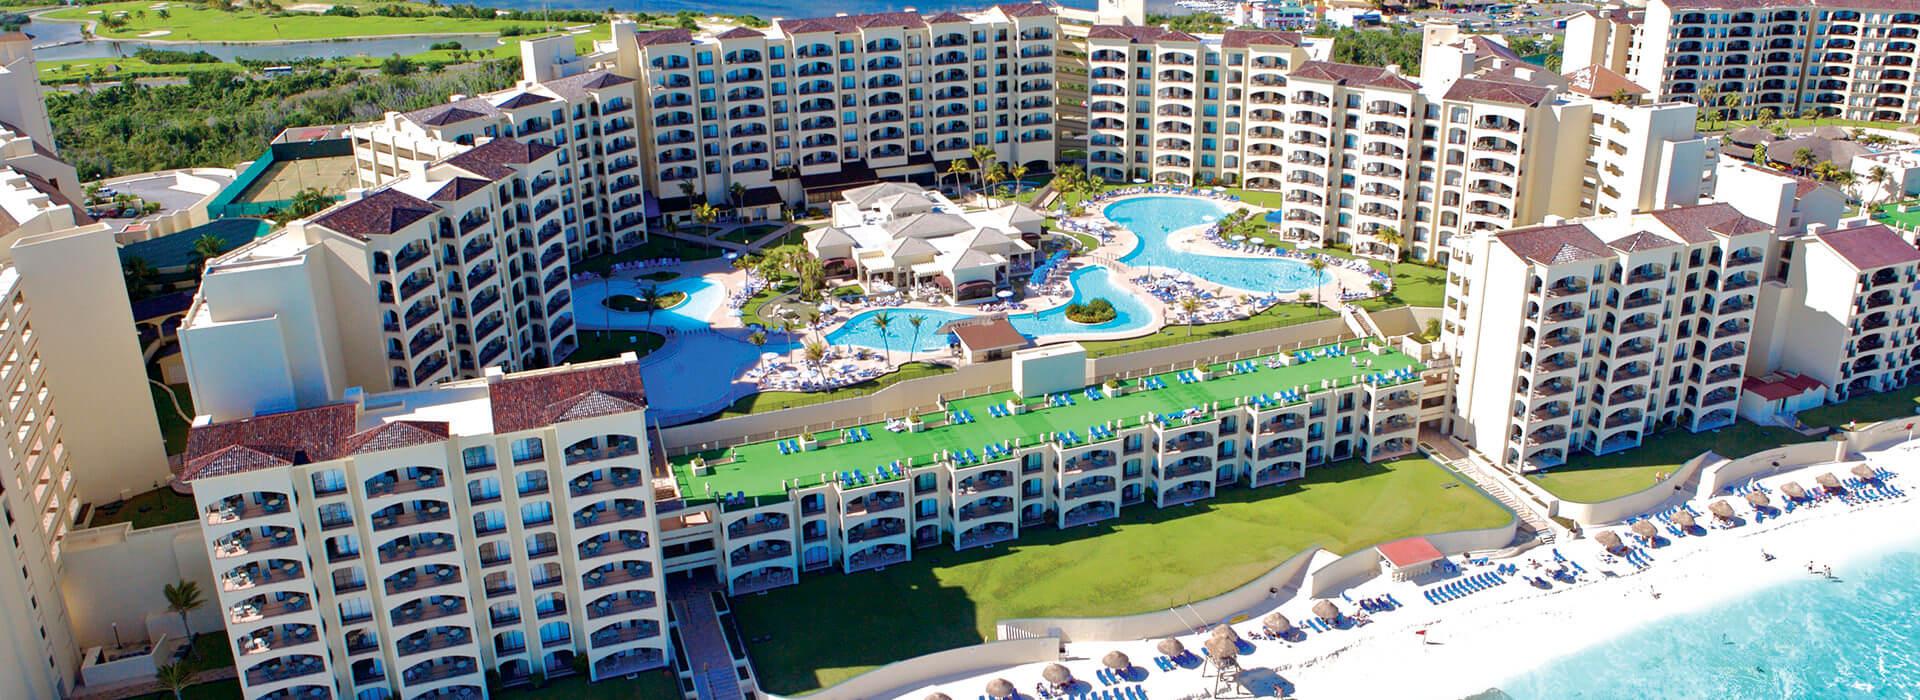 The Royal Caribbean Resort aerial view